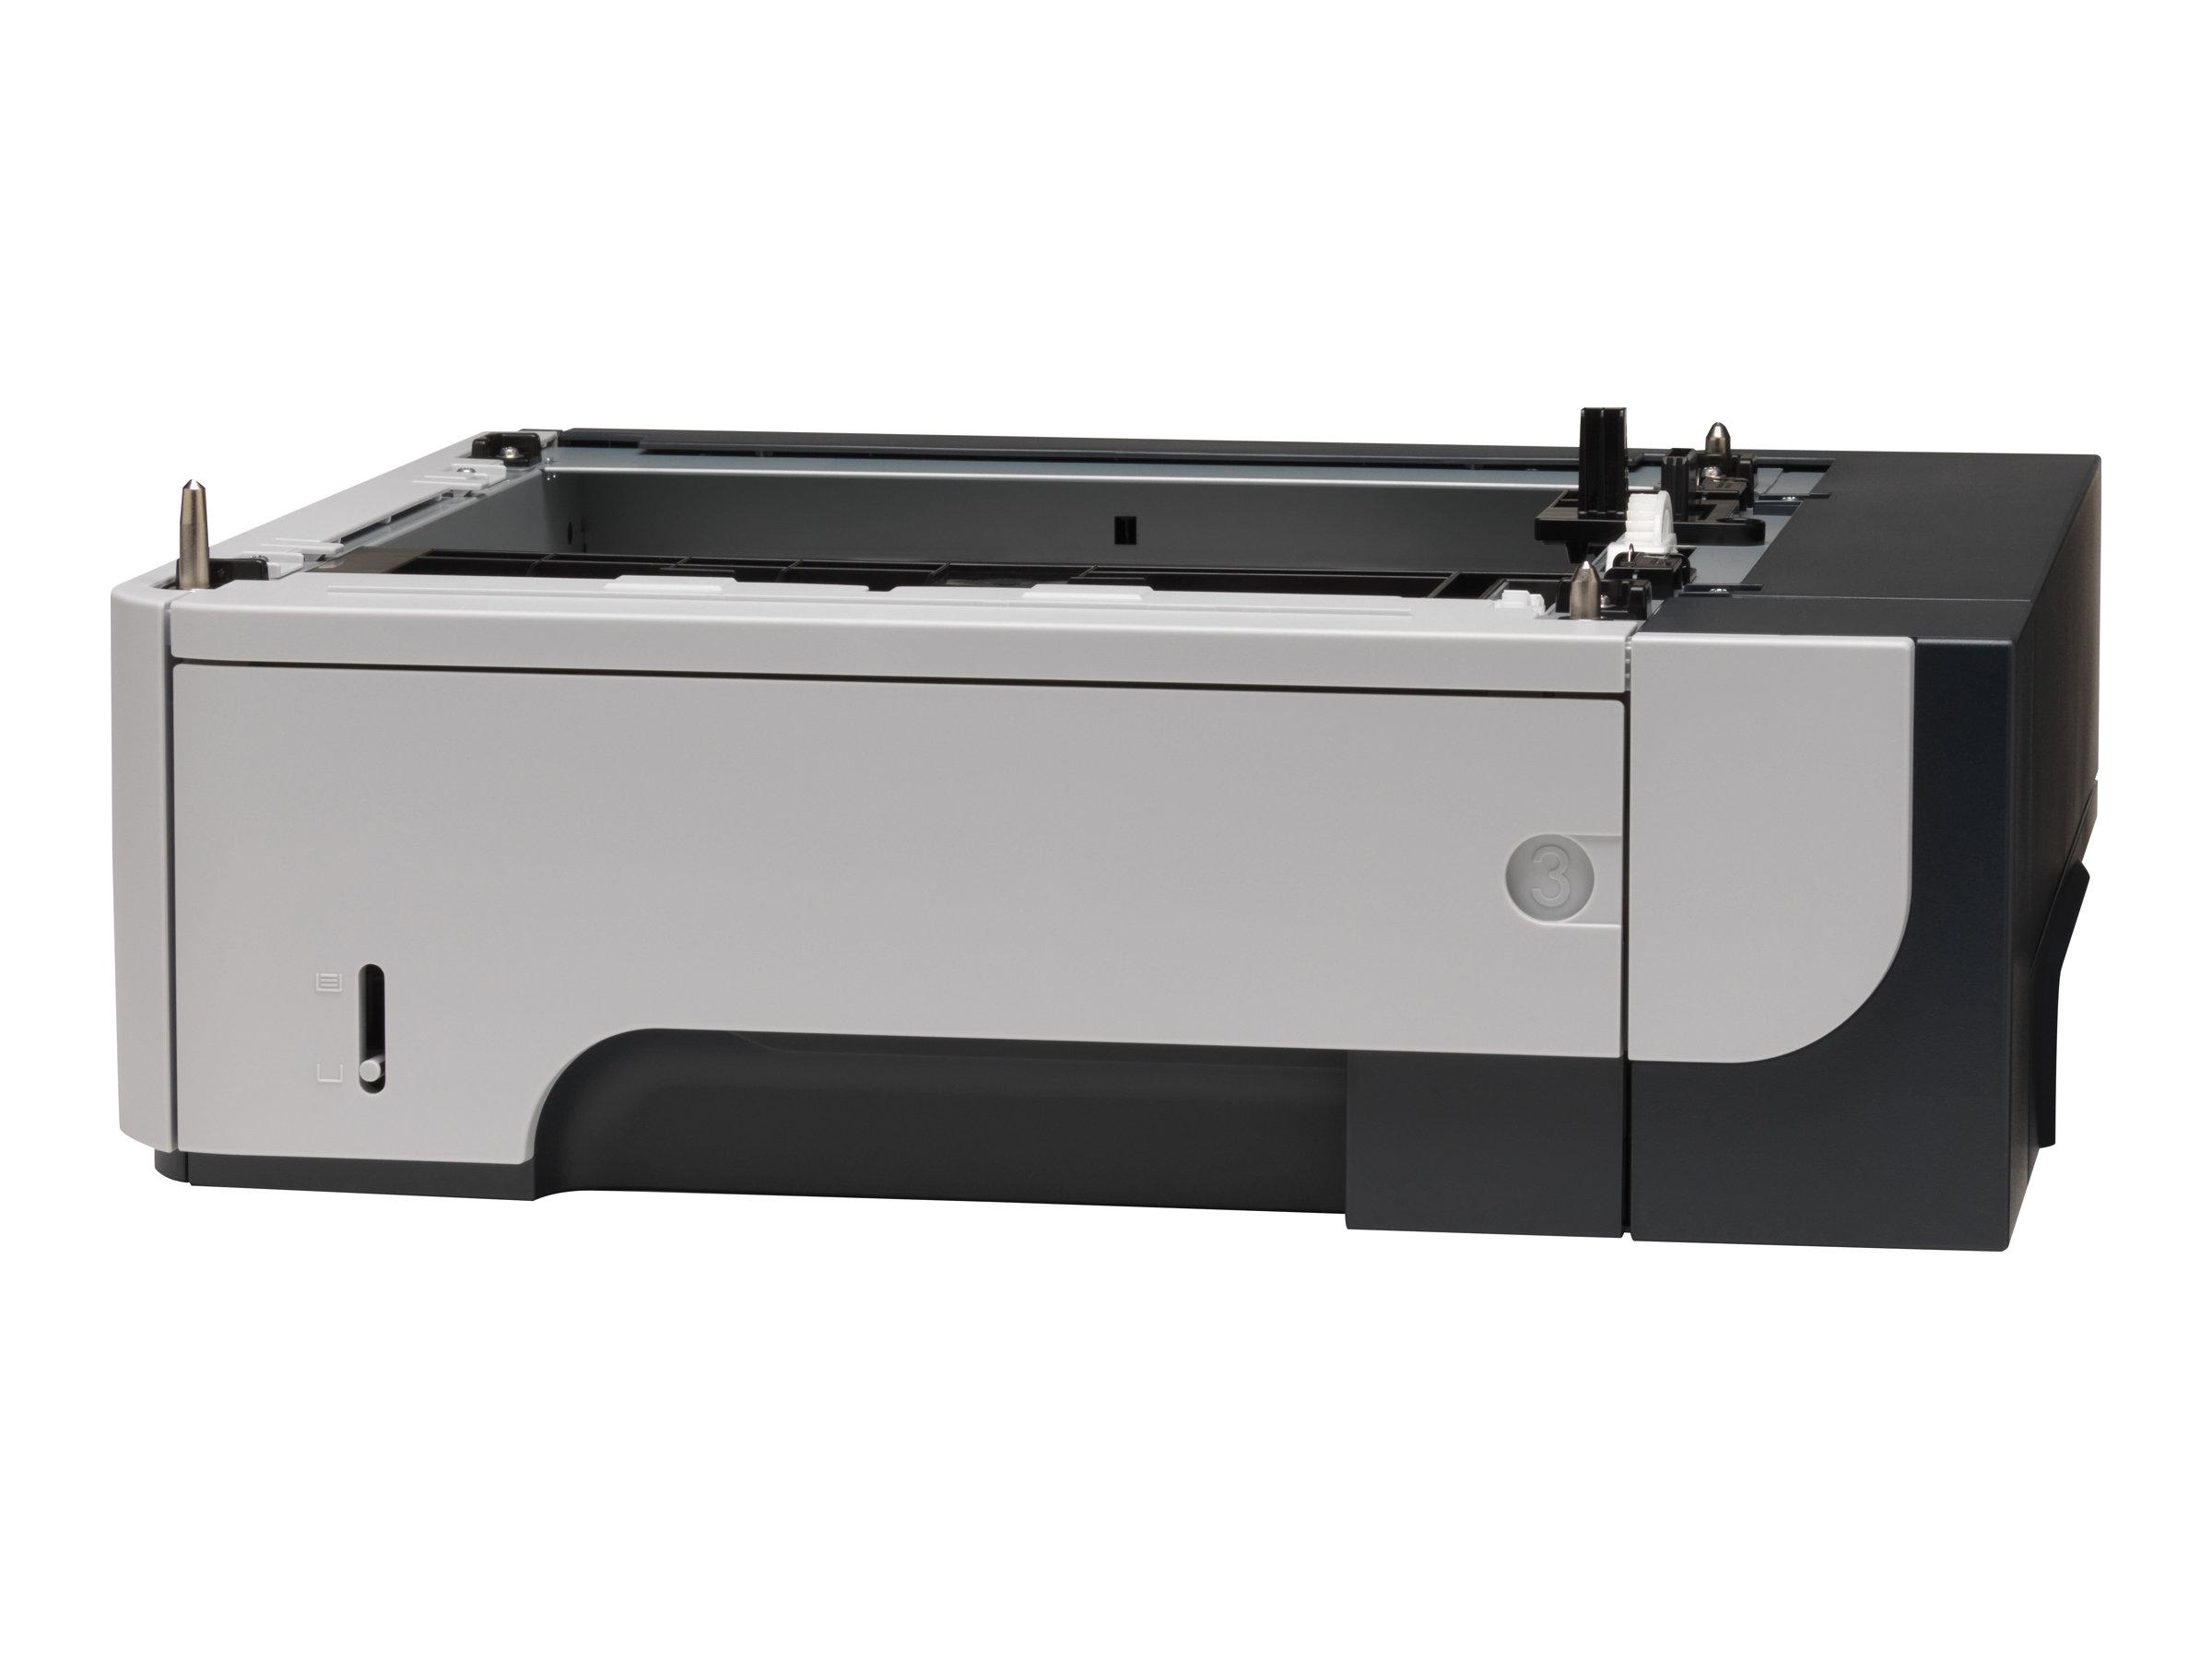 HP Papierzuführung 500 Blatt CE530A LaserJet